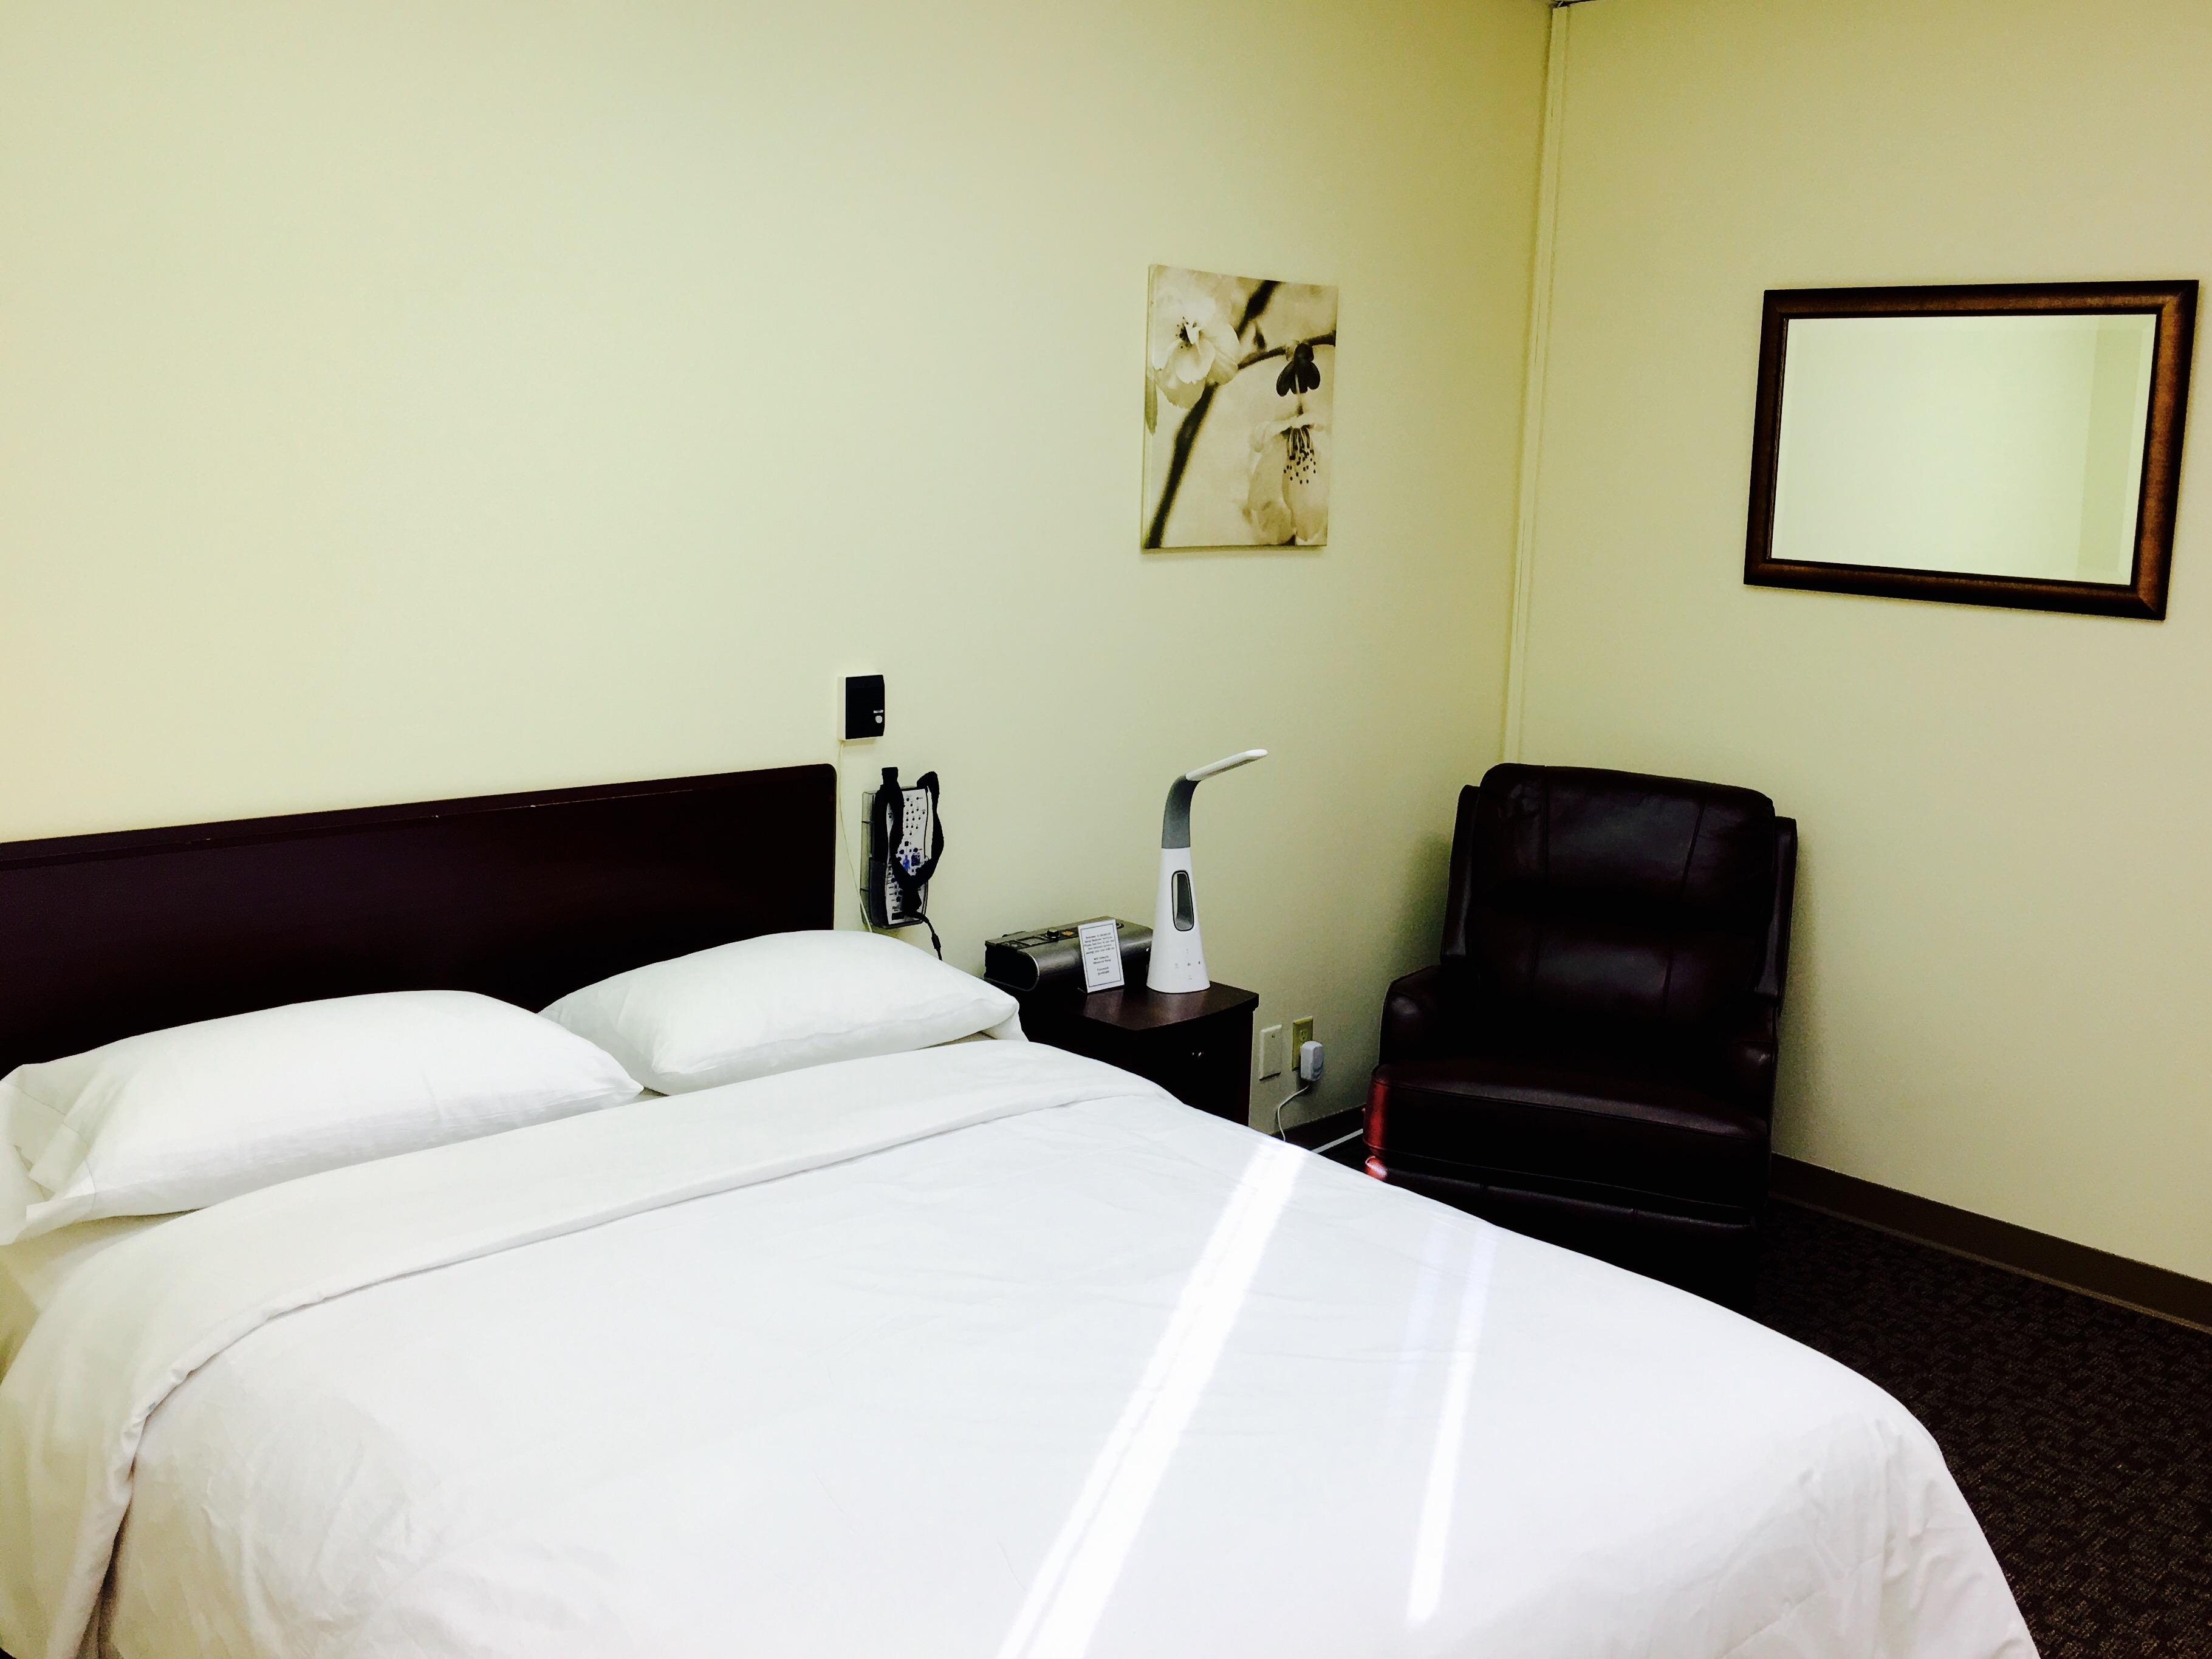 Kearny Mesa Sleep Center